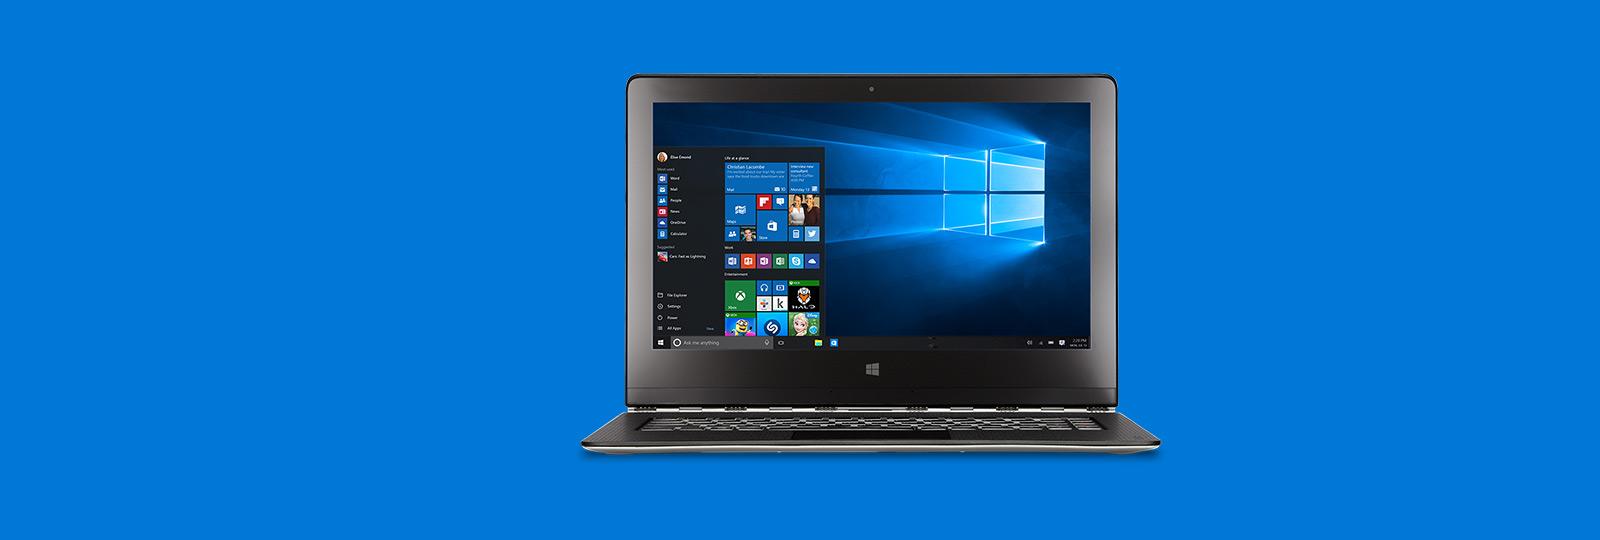 史上最高の Windows を、無料で手に入れましょう。*